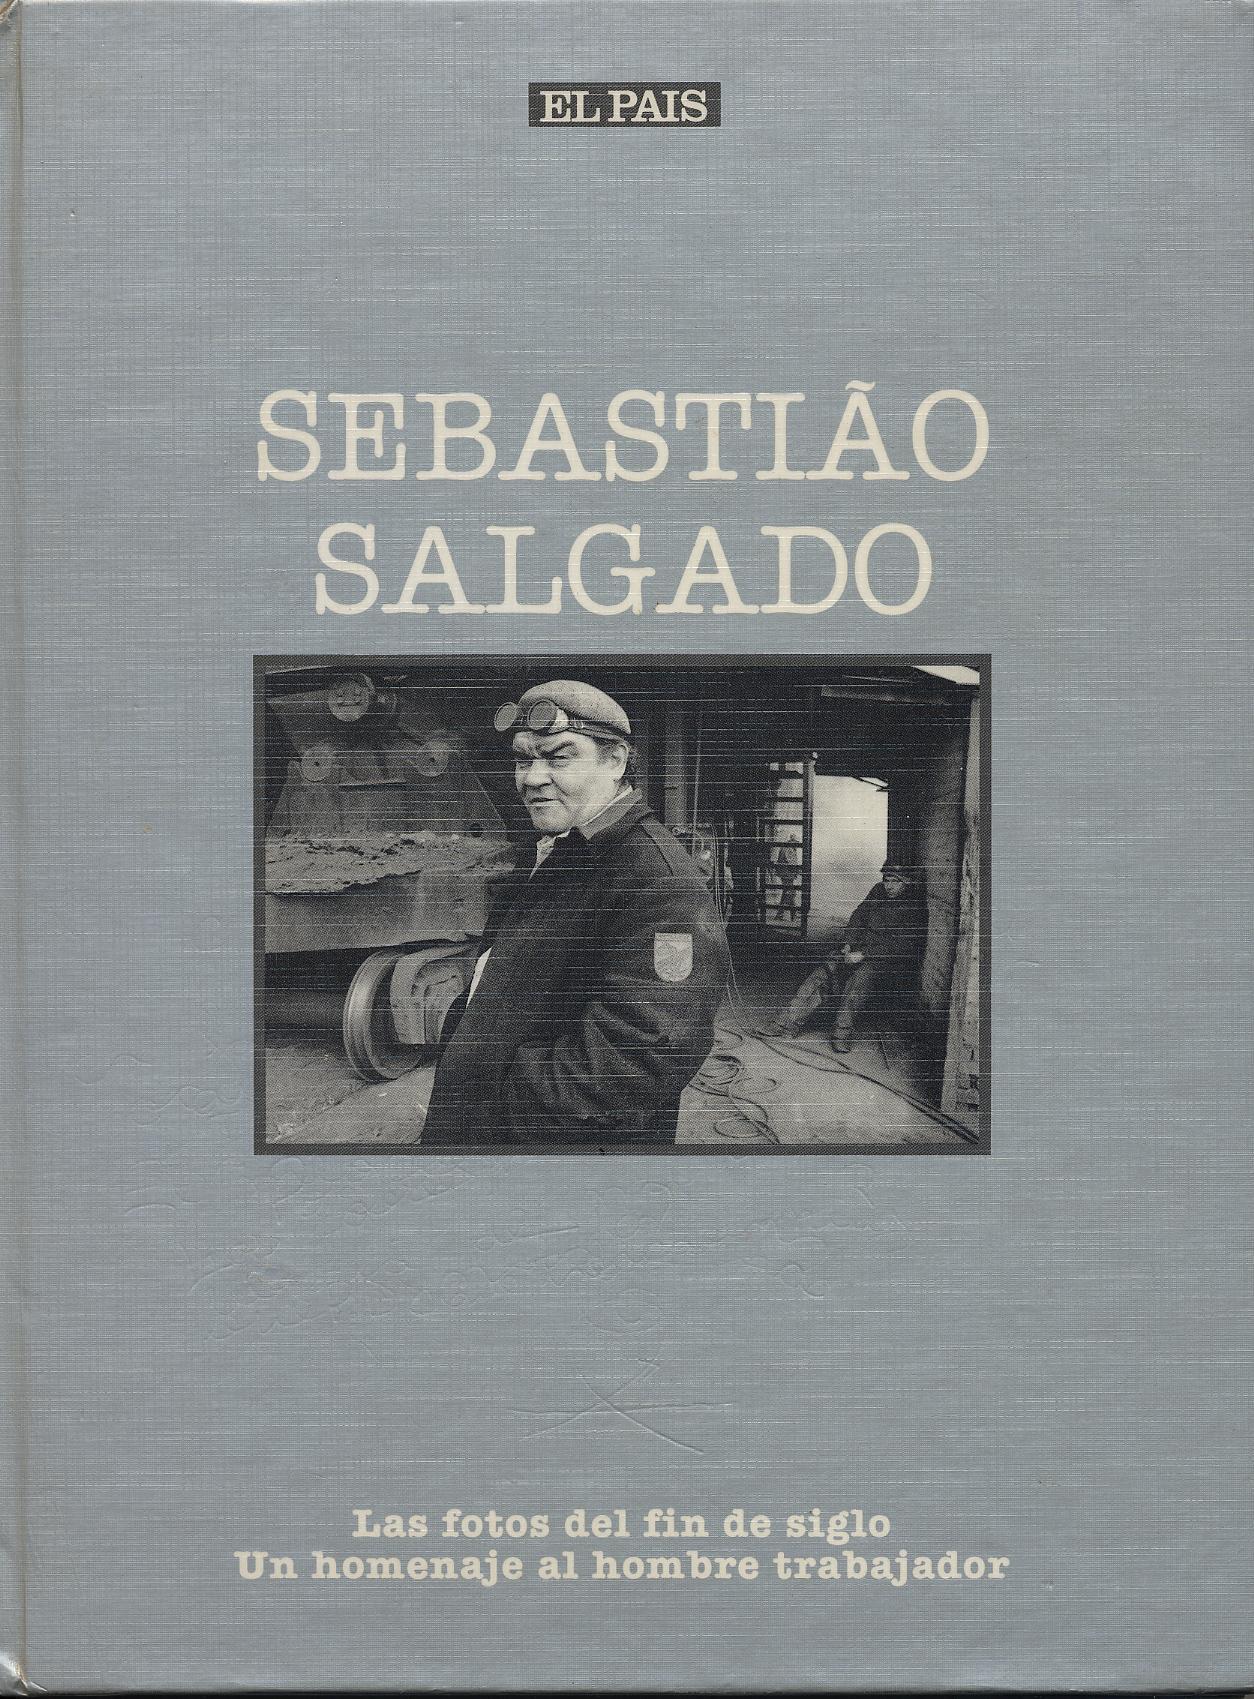 Sebastiao Salgado. Las fotos del fin de siglo